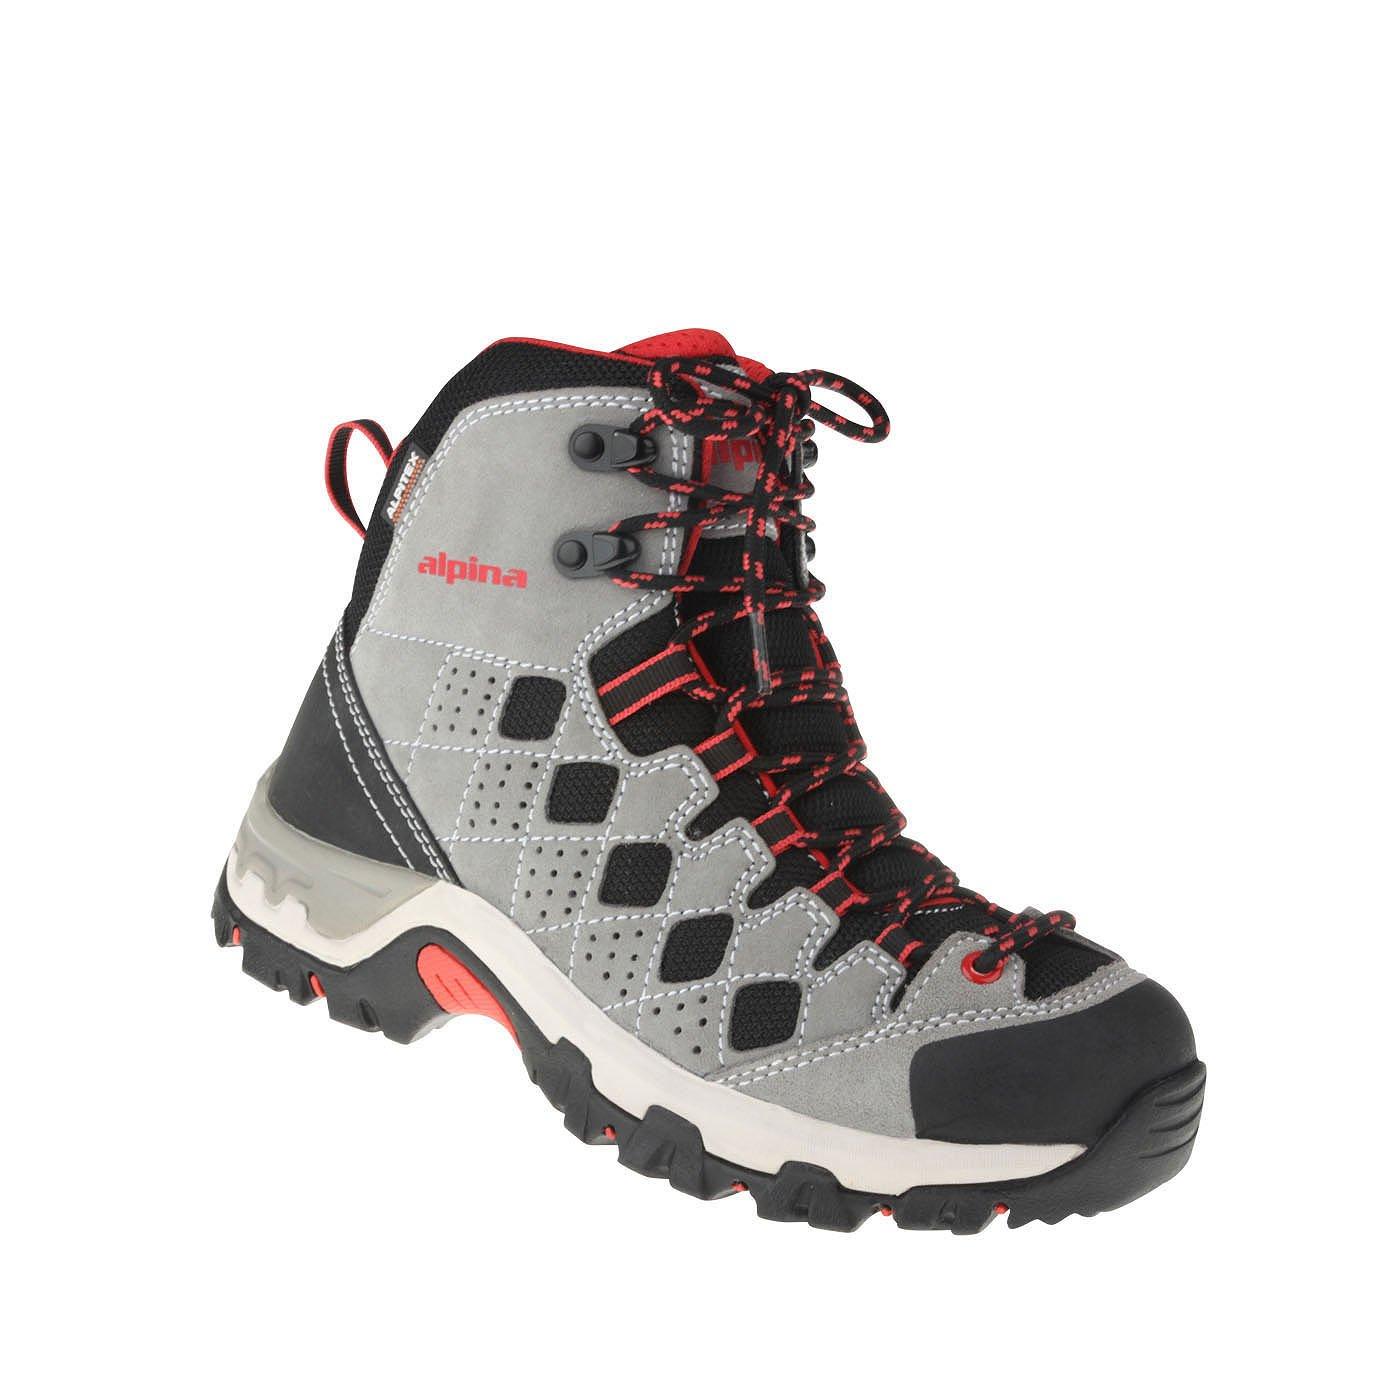 Alpina Damen Schnürer Aus Echtem Leder | Trekking | Weite H | Lose Einlagen